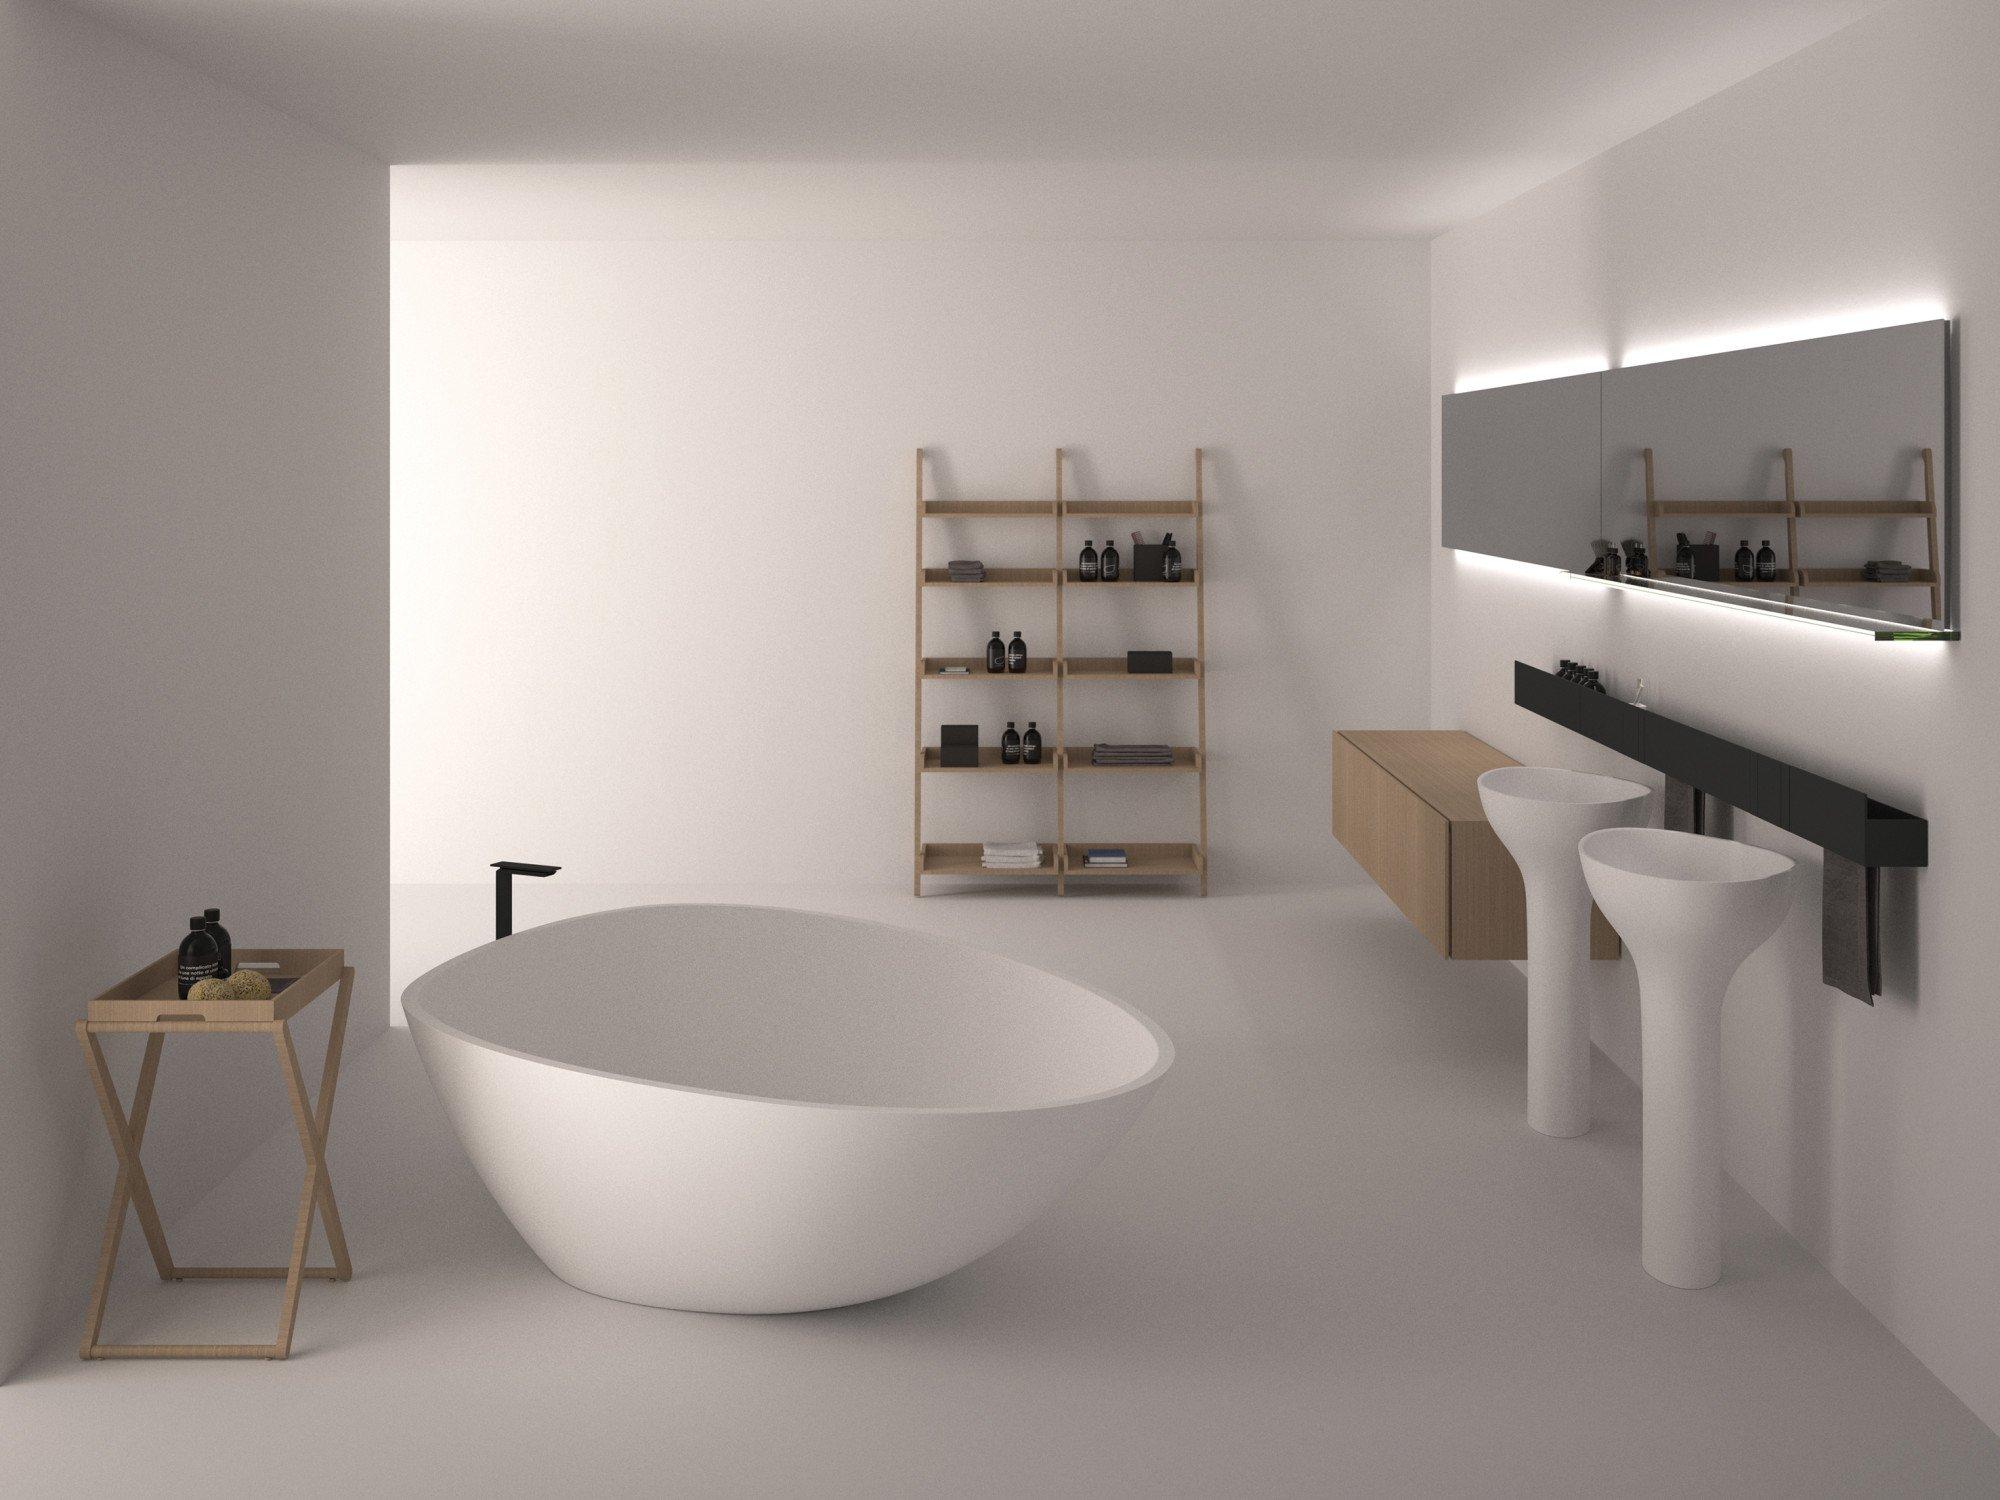 wc trennw nde f r kitas und schulen bad und sanit r. Black Bedroom Furniture Sets. Home Design Ideas